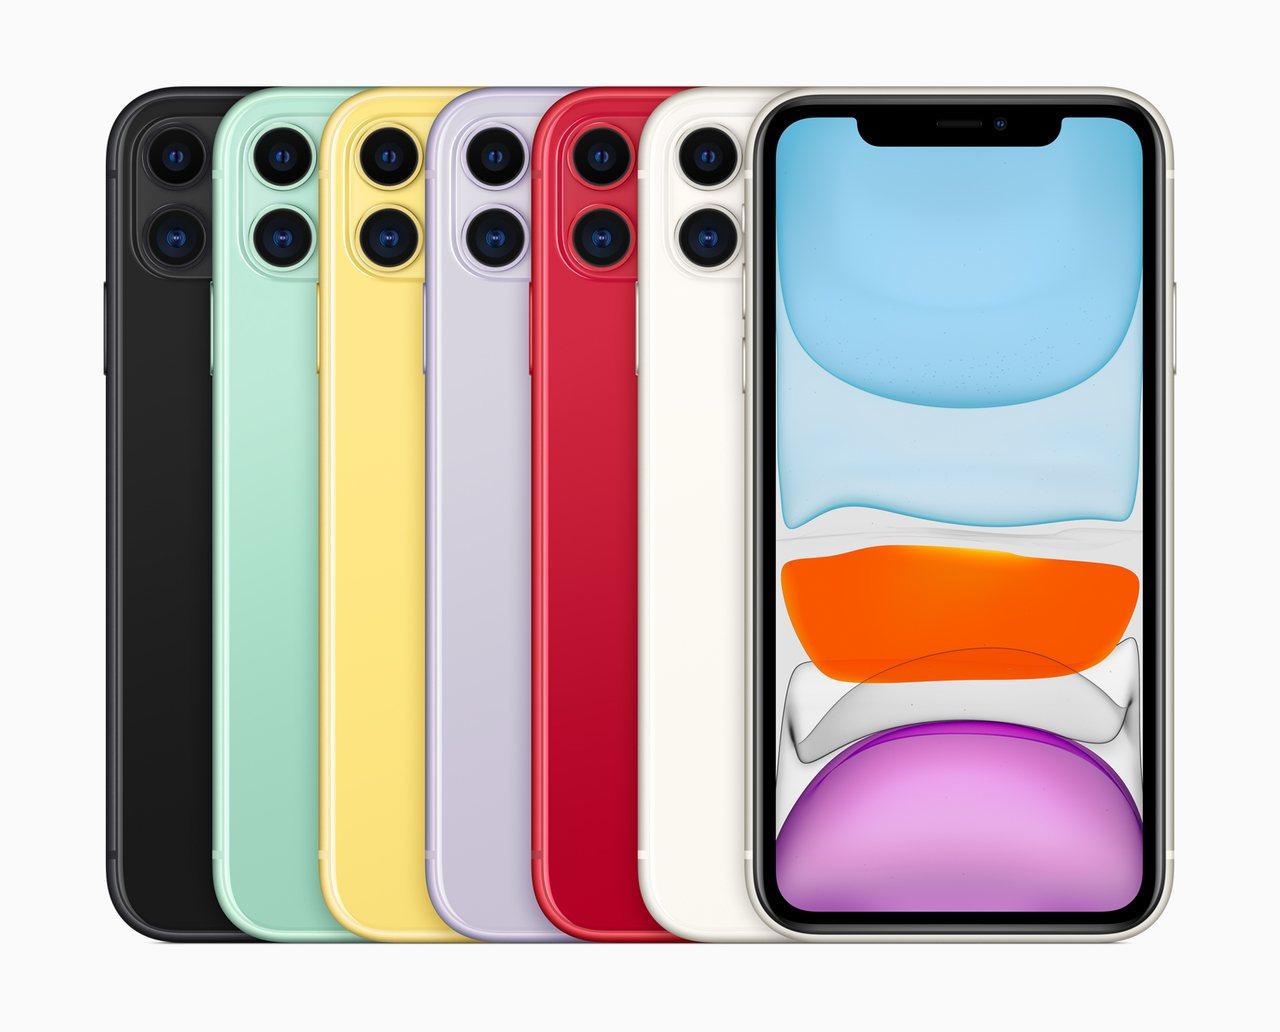 iPhone 11推出繽紛6色供消費者選擇,將於9月20日正式開賣。圖/蘋果提供